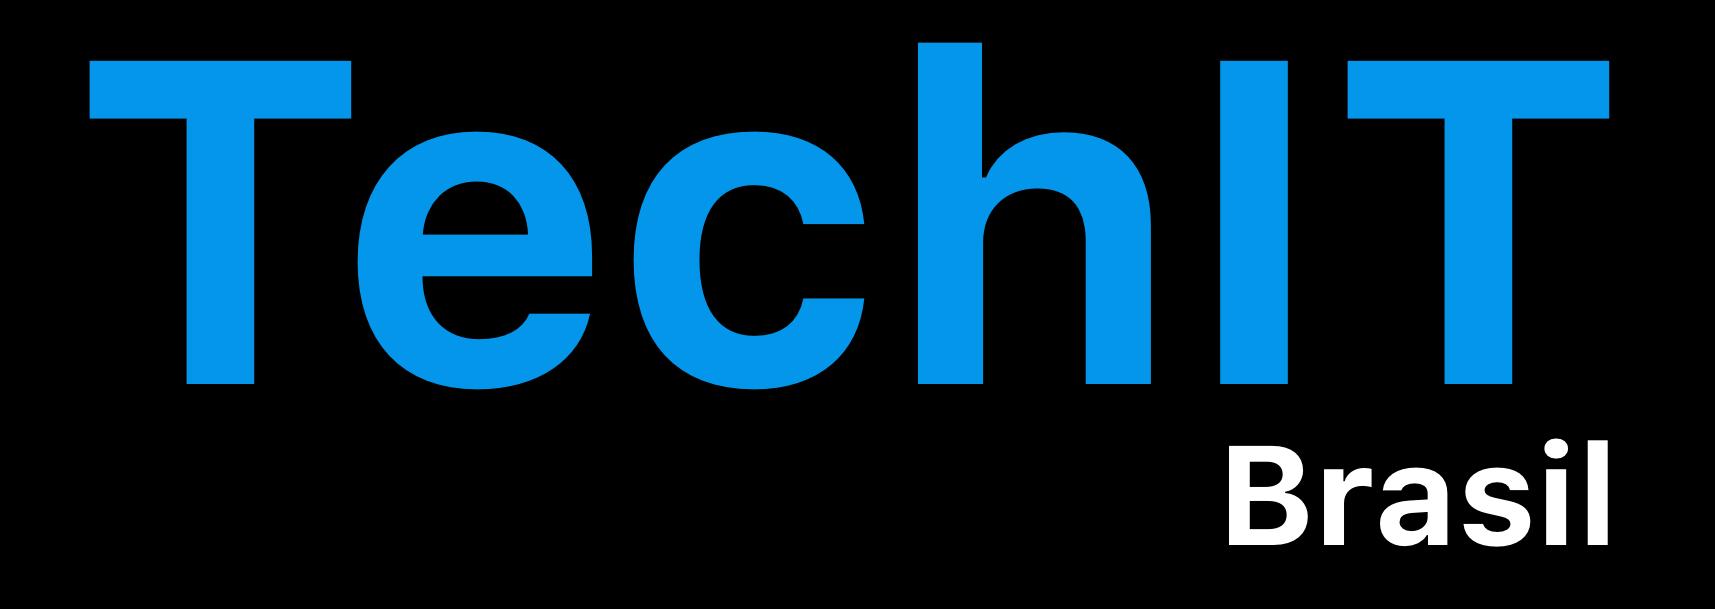 Techit Brasil